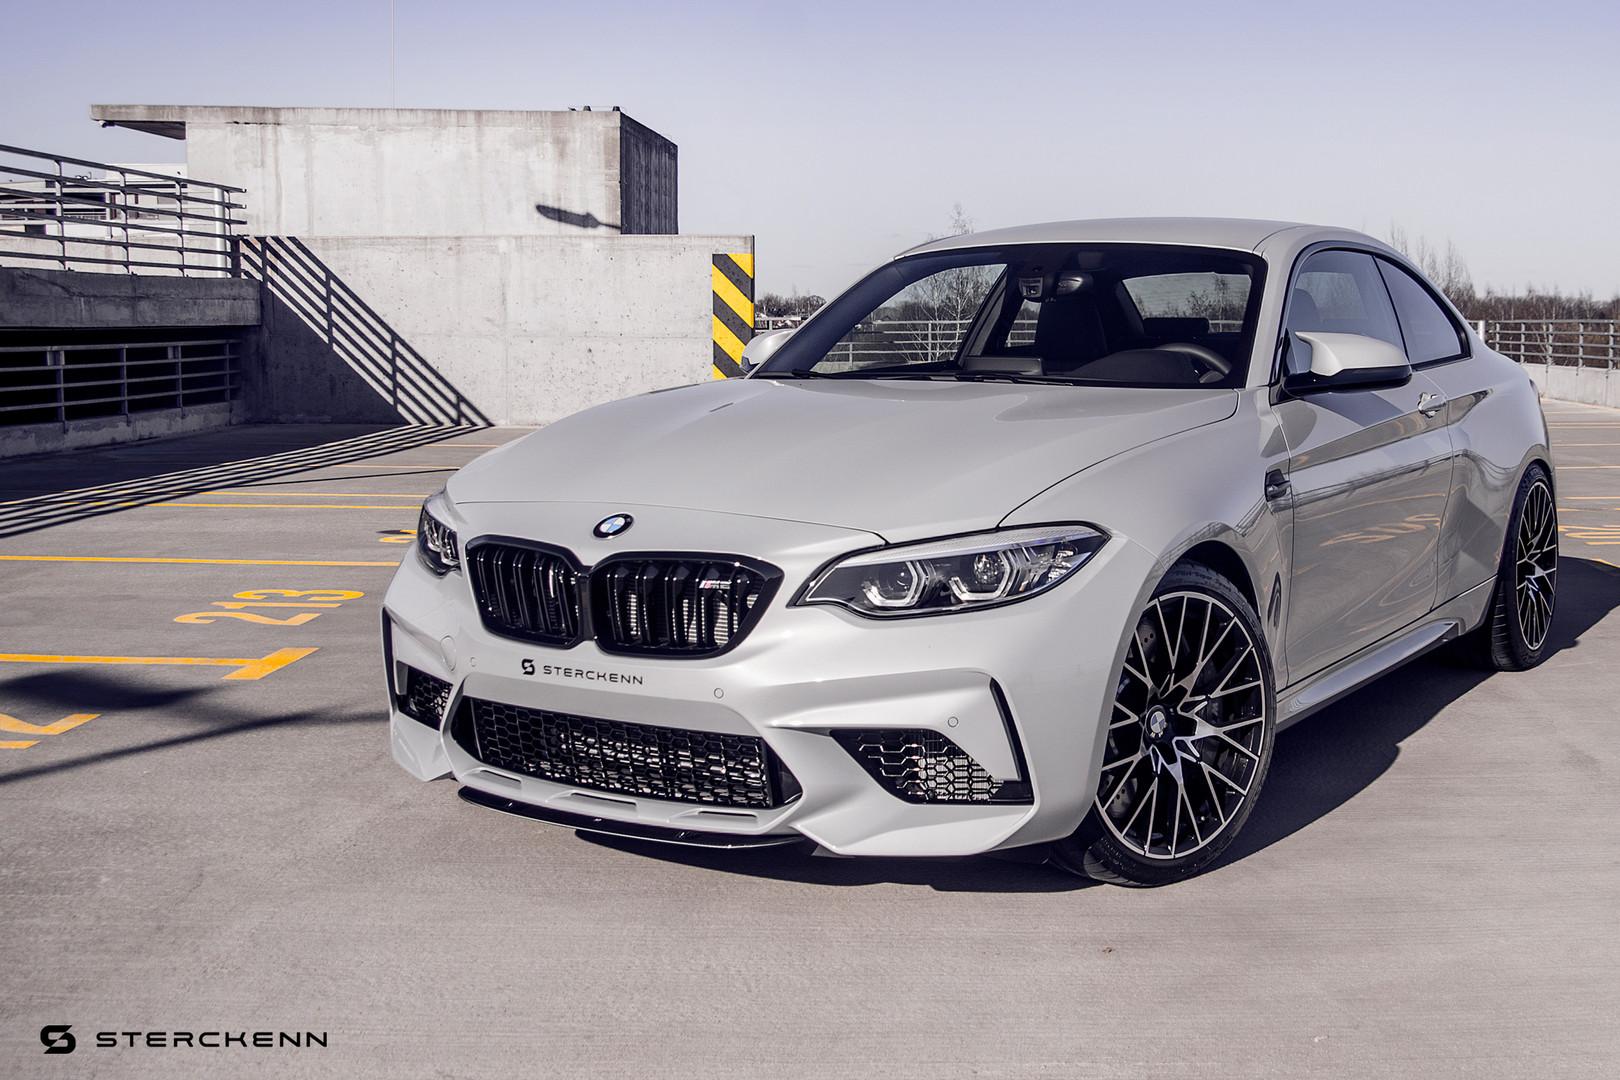 Все компоненты Streckenn изготовлены из высококачественного карбона. Компоненты Streckenn доступны для всей Европы, США, Японии и Австралии. Компания также предлагает компоненты для предыдущего поколения M5, а также для других автомобилей M.